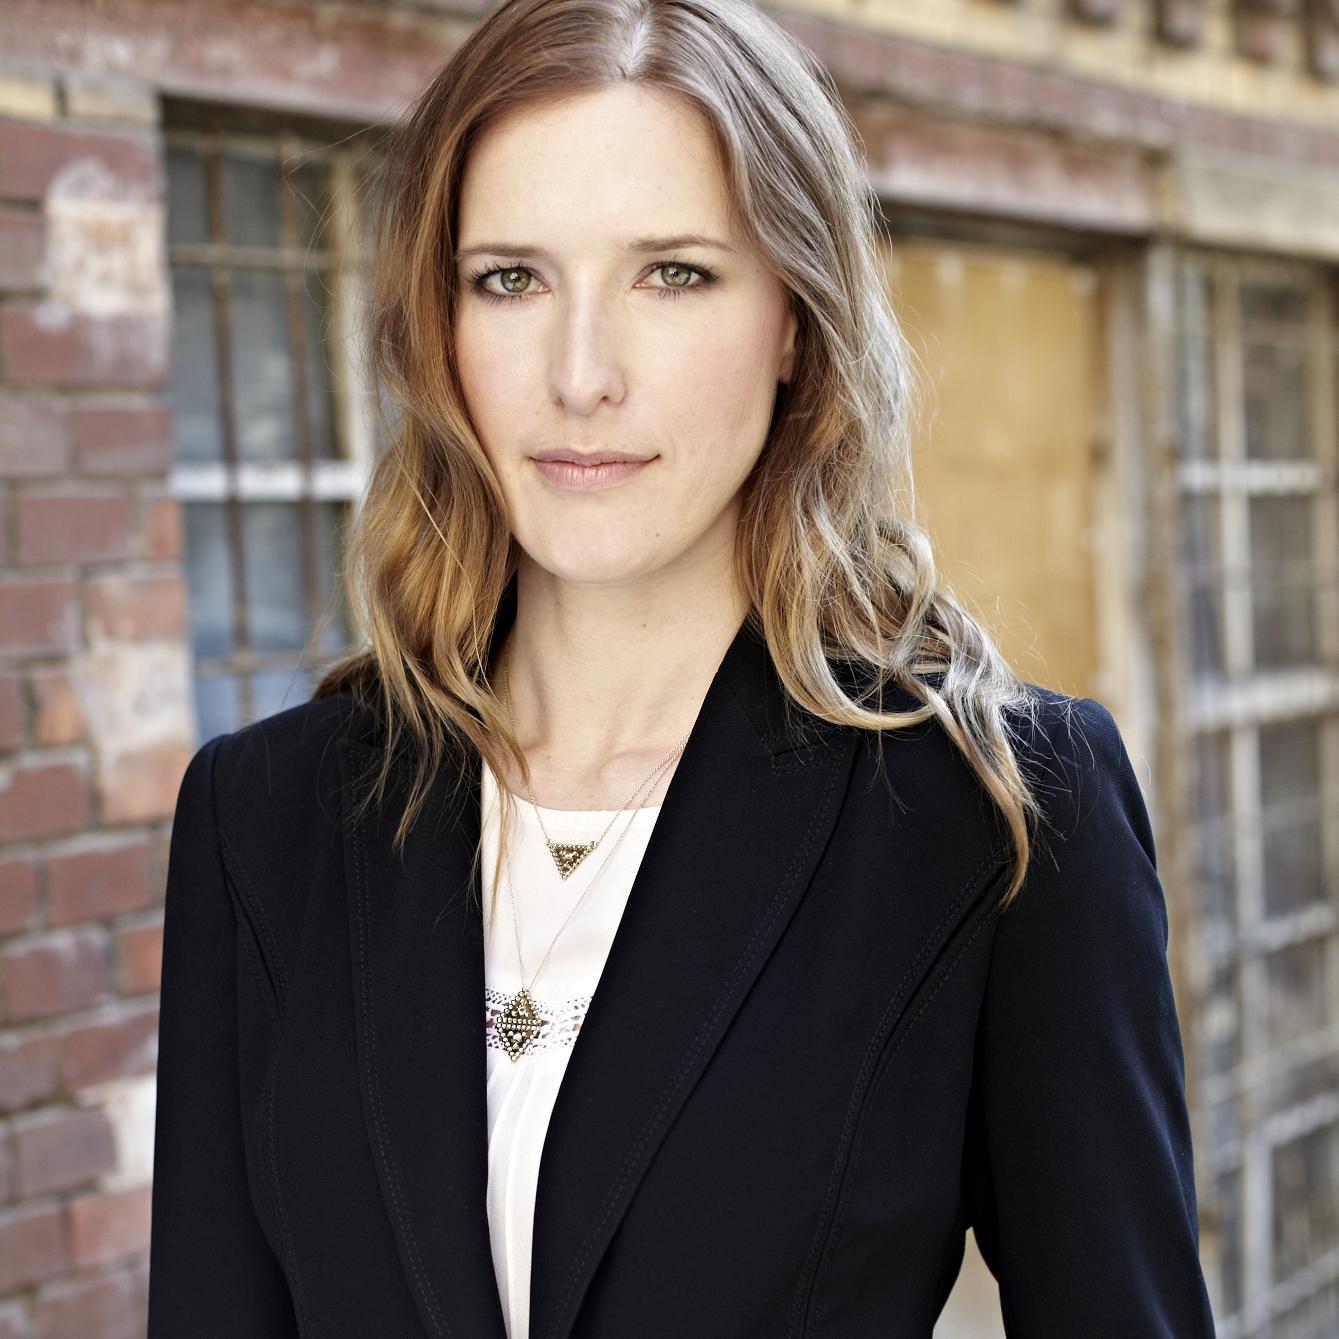 Sammelte ihre ersten Erfahrungen bei Goldman Sachs: Christine Kiefer, eine von wenigen Führungsfrauen in der Fintech-Branche.